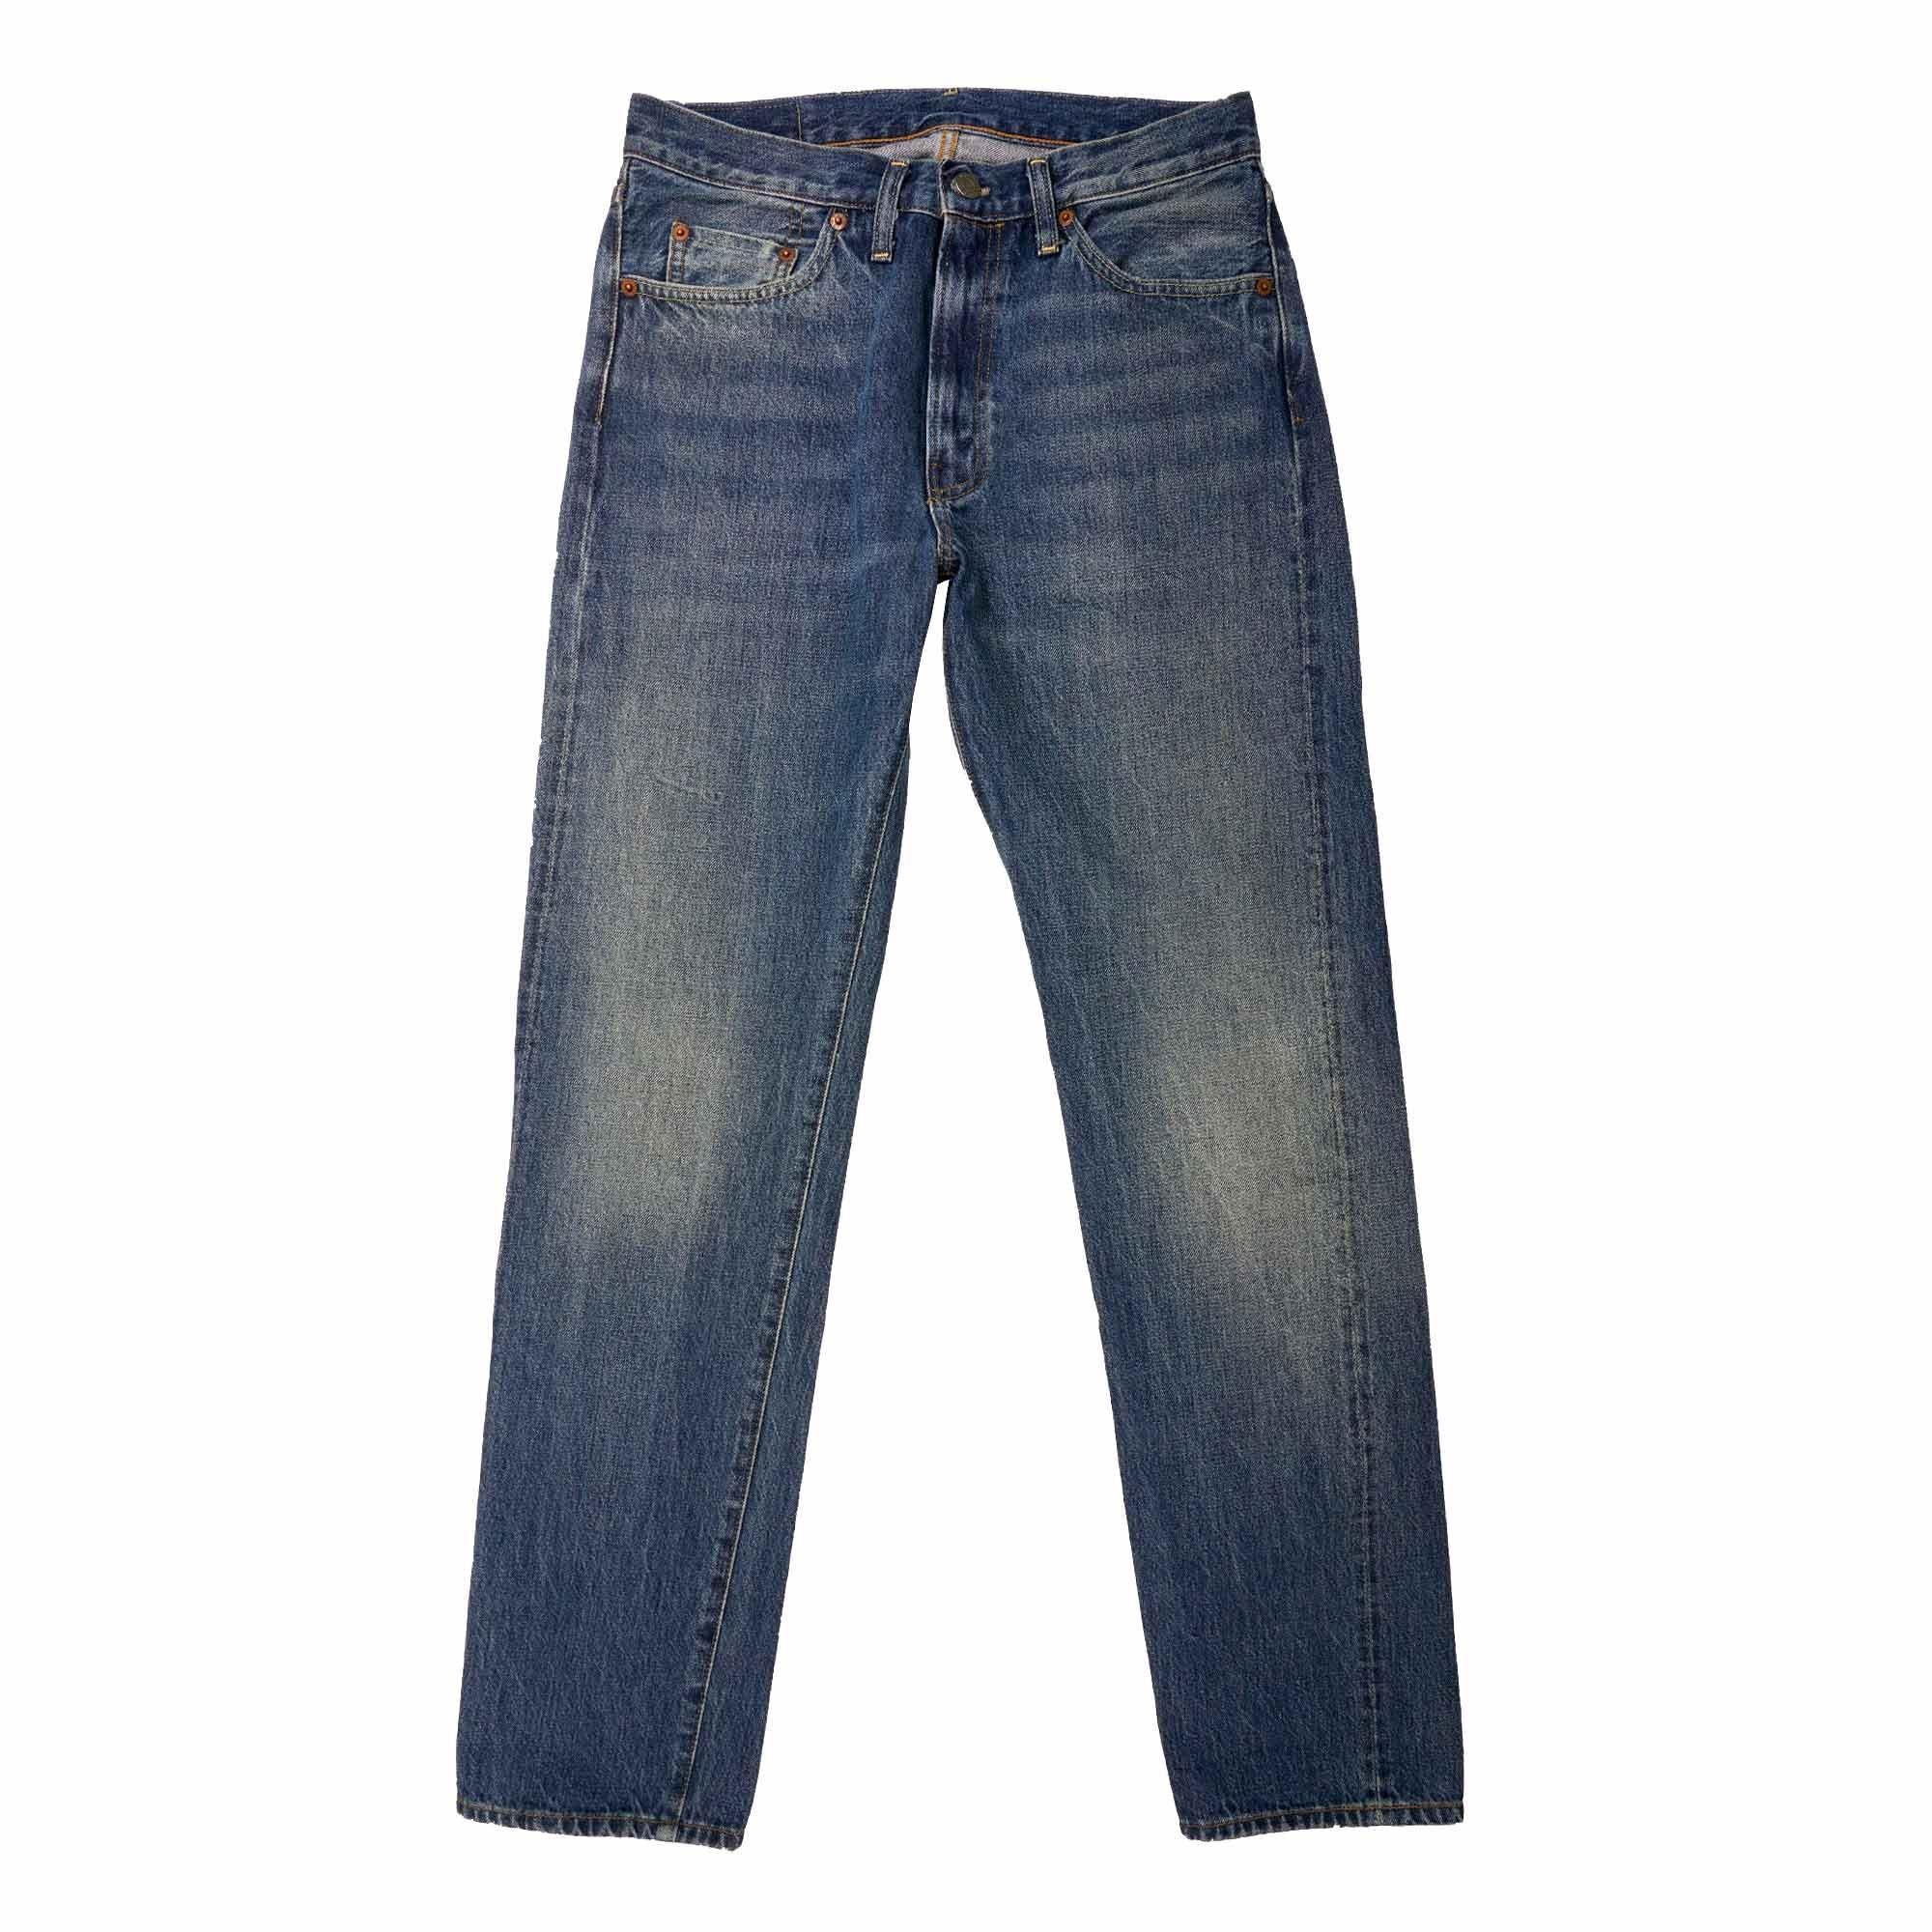 fe9a68232cb Levi s - Blue 1954 501z Selvedge Jeans - Pinwheel for Men - Lyst. View  fullscreen